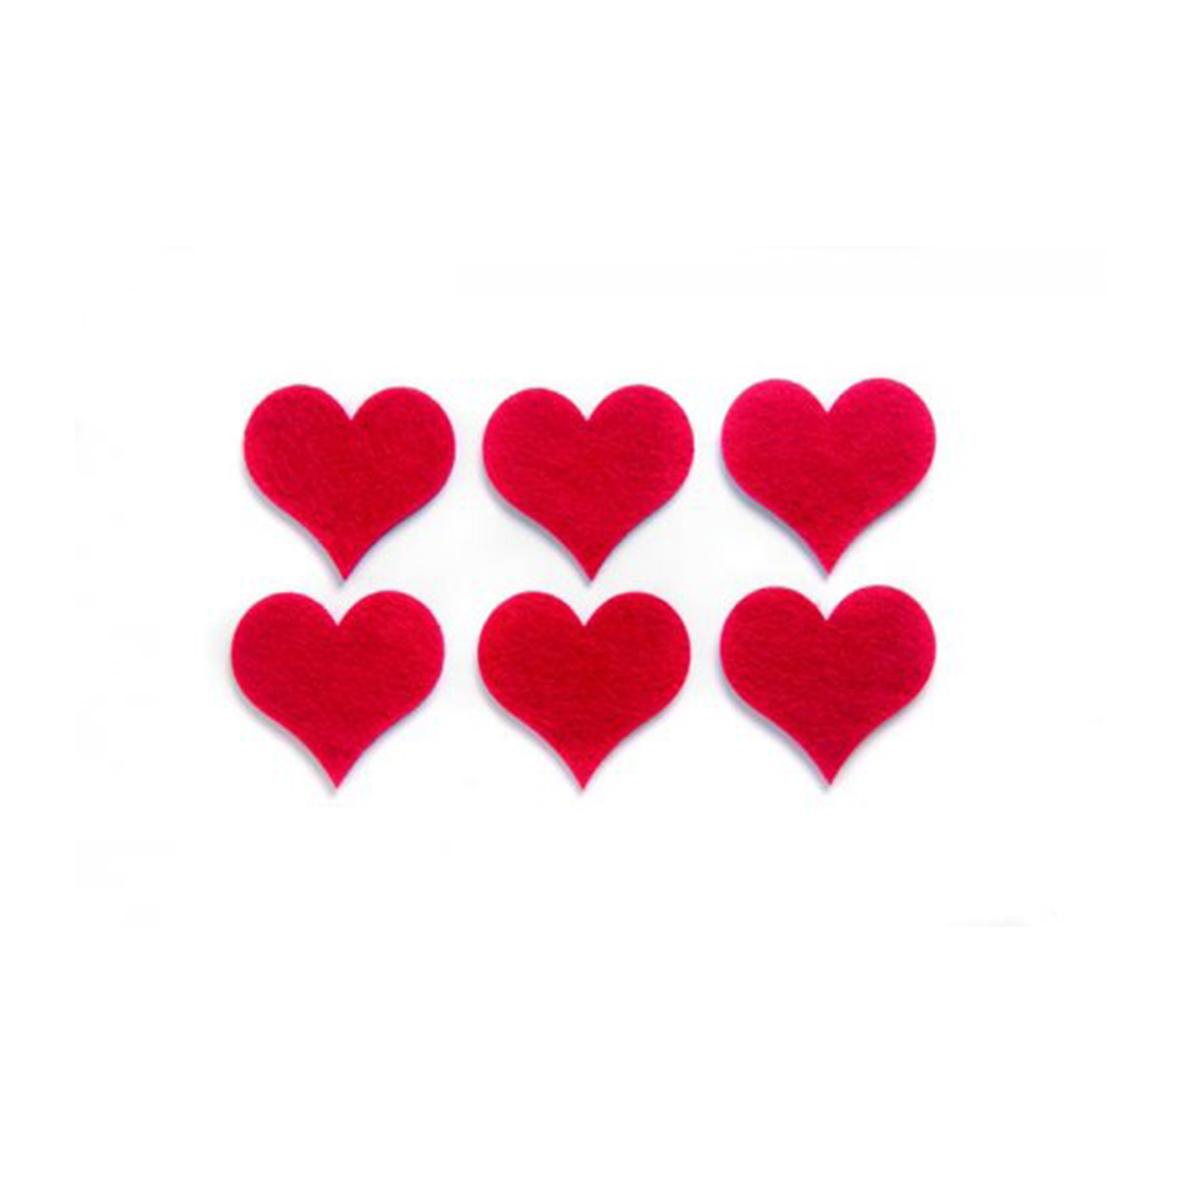 Фигурки из фетра Glorex Сердца, цвет: красный, 6 см, 6 шт210480956Фетр пользуется большой популярностью среди рукодельниц. Его любят за эстетичный вид, практичность и отличную текстуру. Из данного материала вашему вниманию предлагаются заготовки Glorex. Широкое разнообразие цветов и форм поможет реализовать творческие задумки и гармоничным образом дополнить ваше творение. Из фетра можно создавать обложки для книг, ежедневников, игрушки, декоративные чехлы для подушек и многое, многое другое.